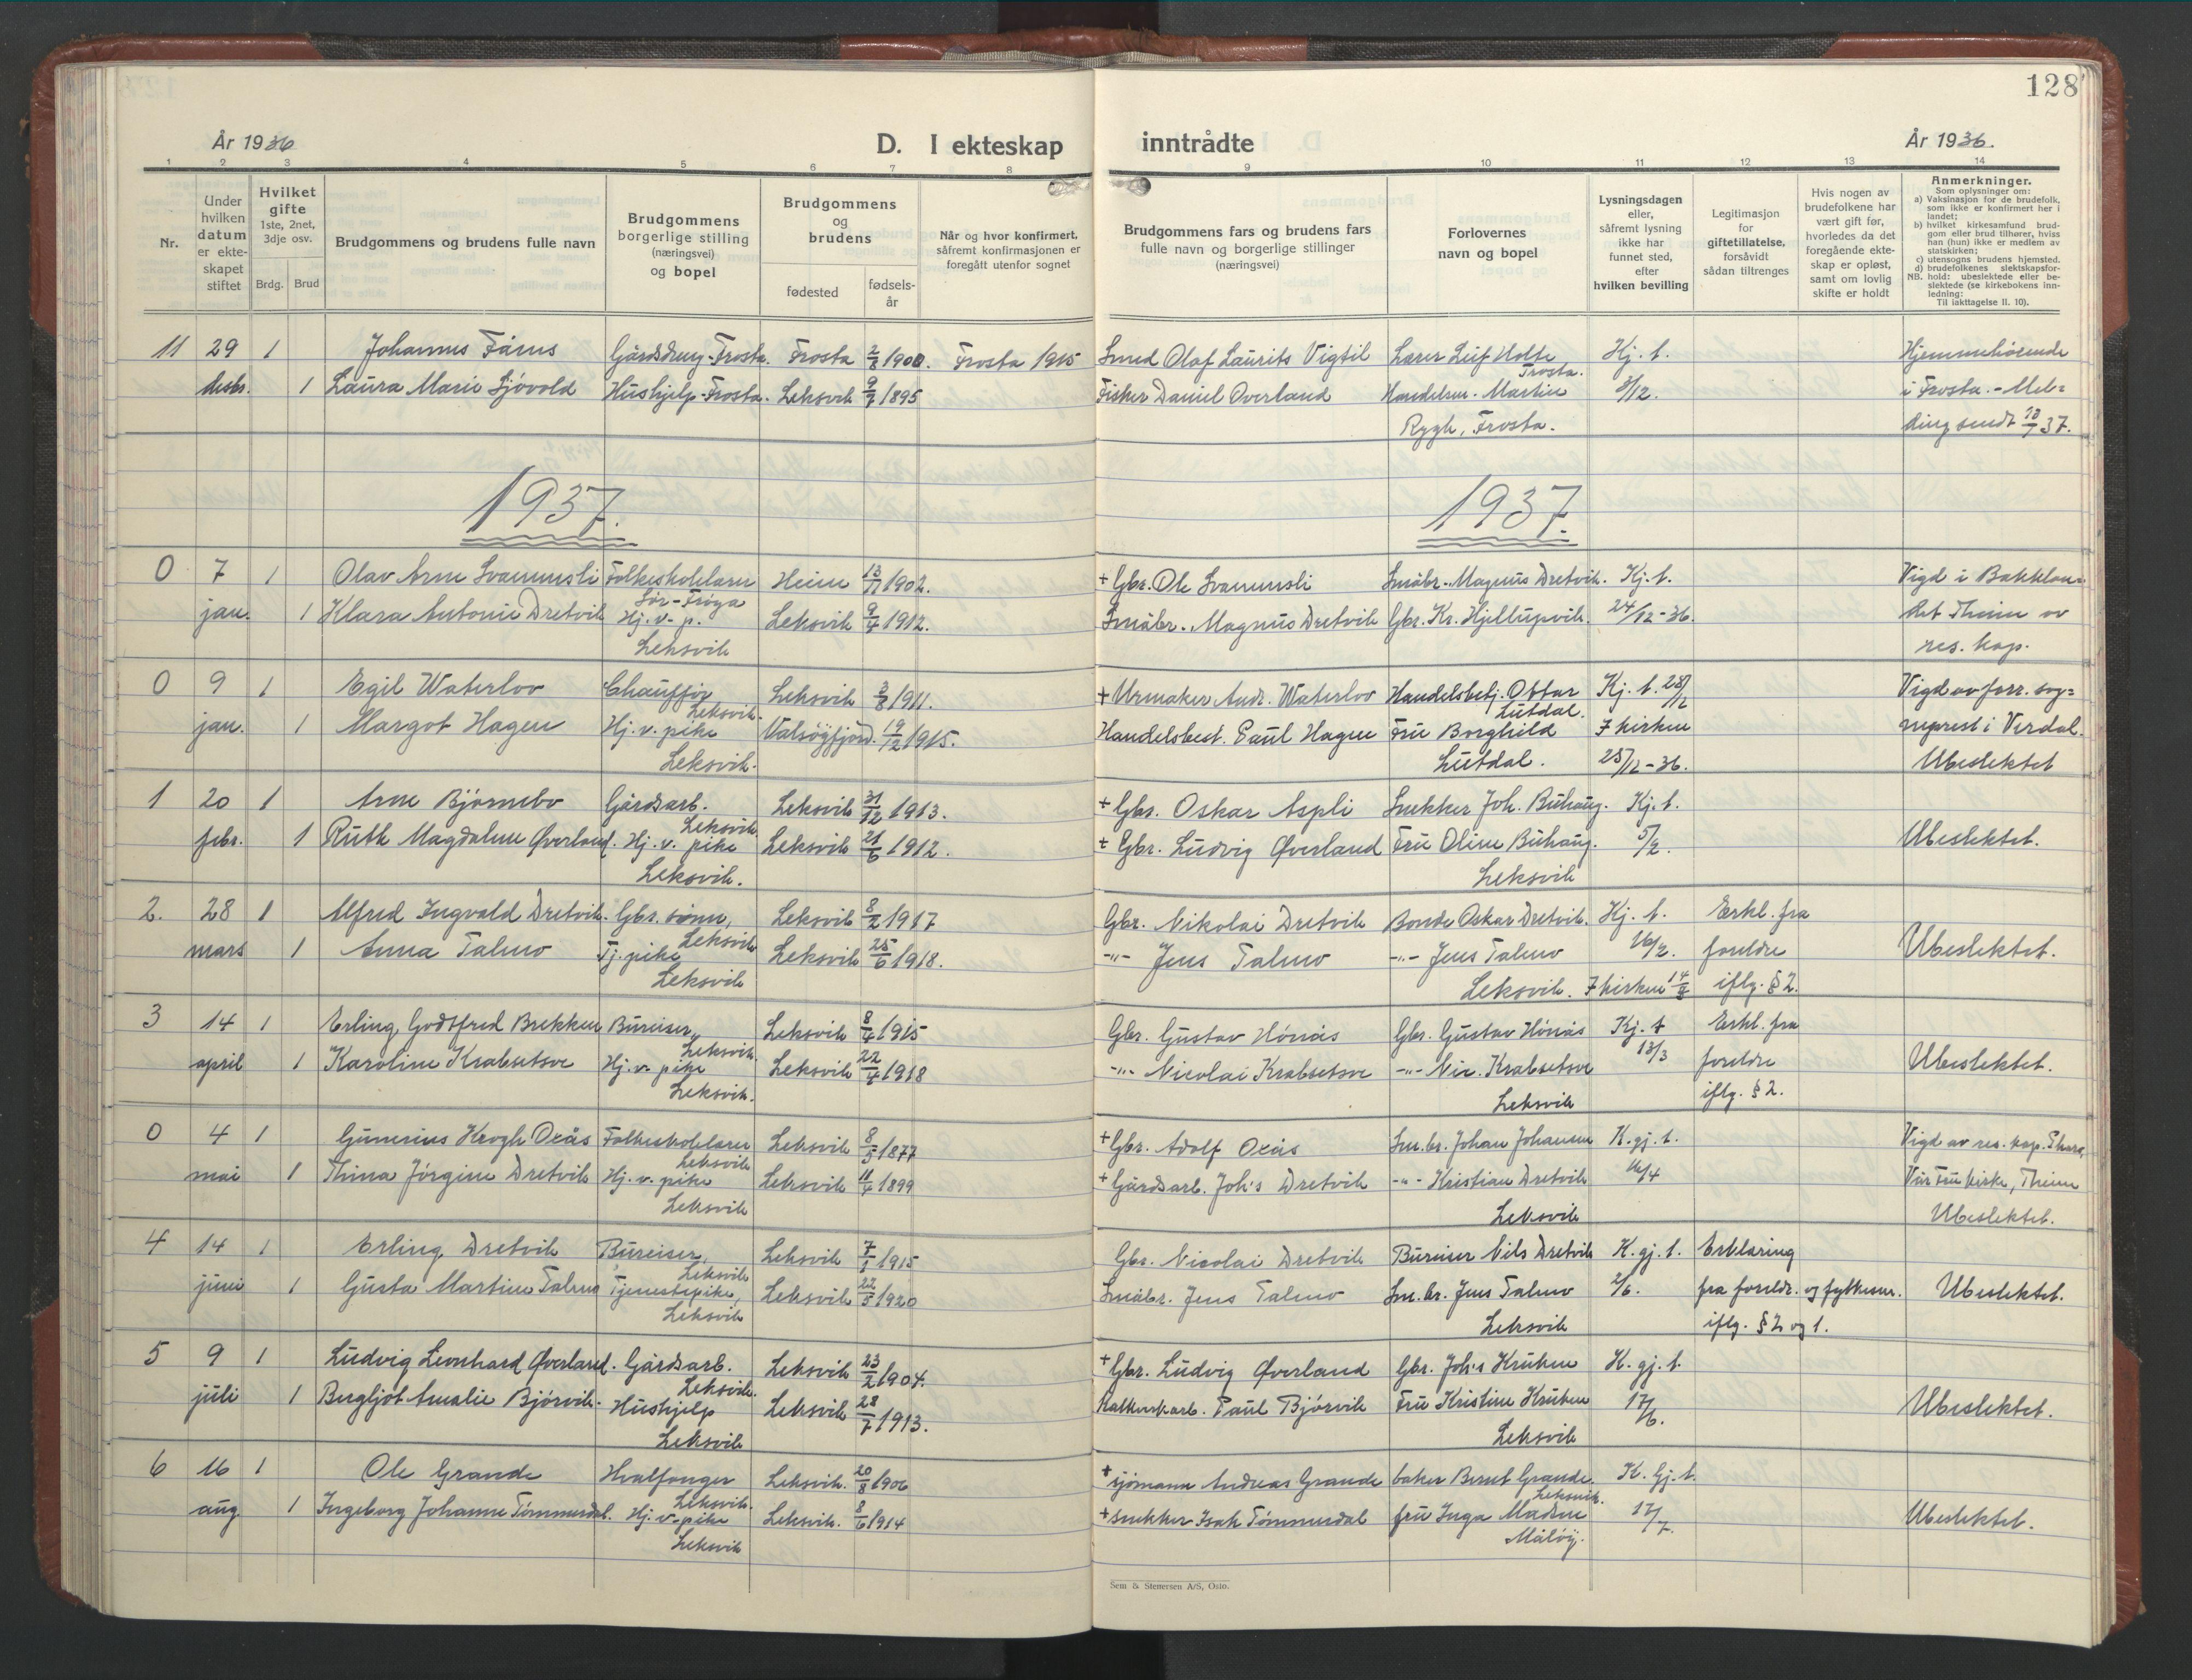 SAT, Ministerialprotokoller, klokkerbøker og fødselsregistre - Nord-Trøndelag, 701/L0019: Klokkerbok nr. 701C03, 1930-1953, s. 128